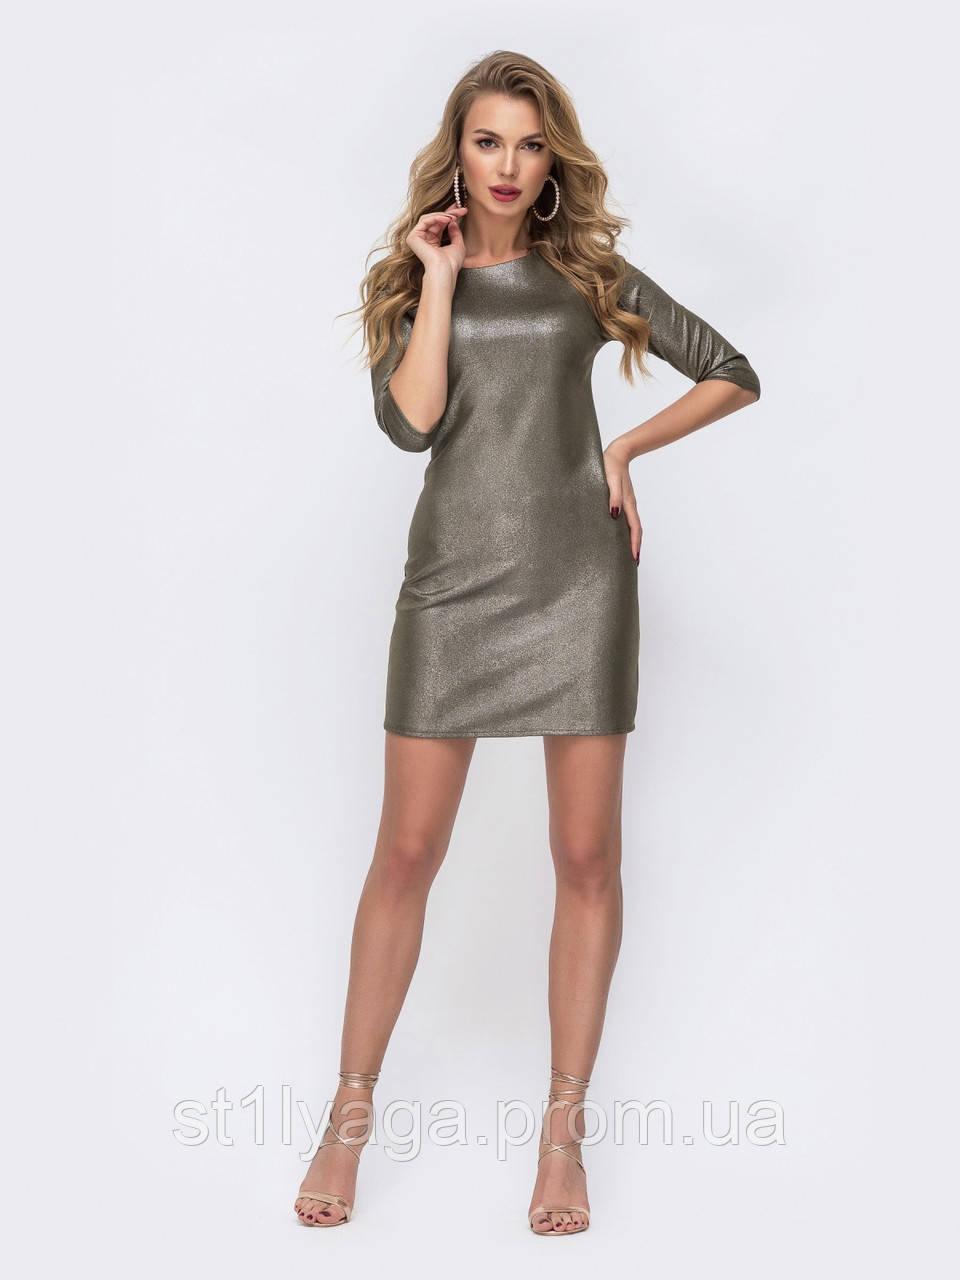 Платье-мини приталенного силуэта с рукавом три четверти цвет хаки